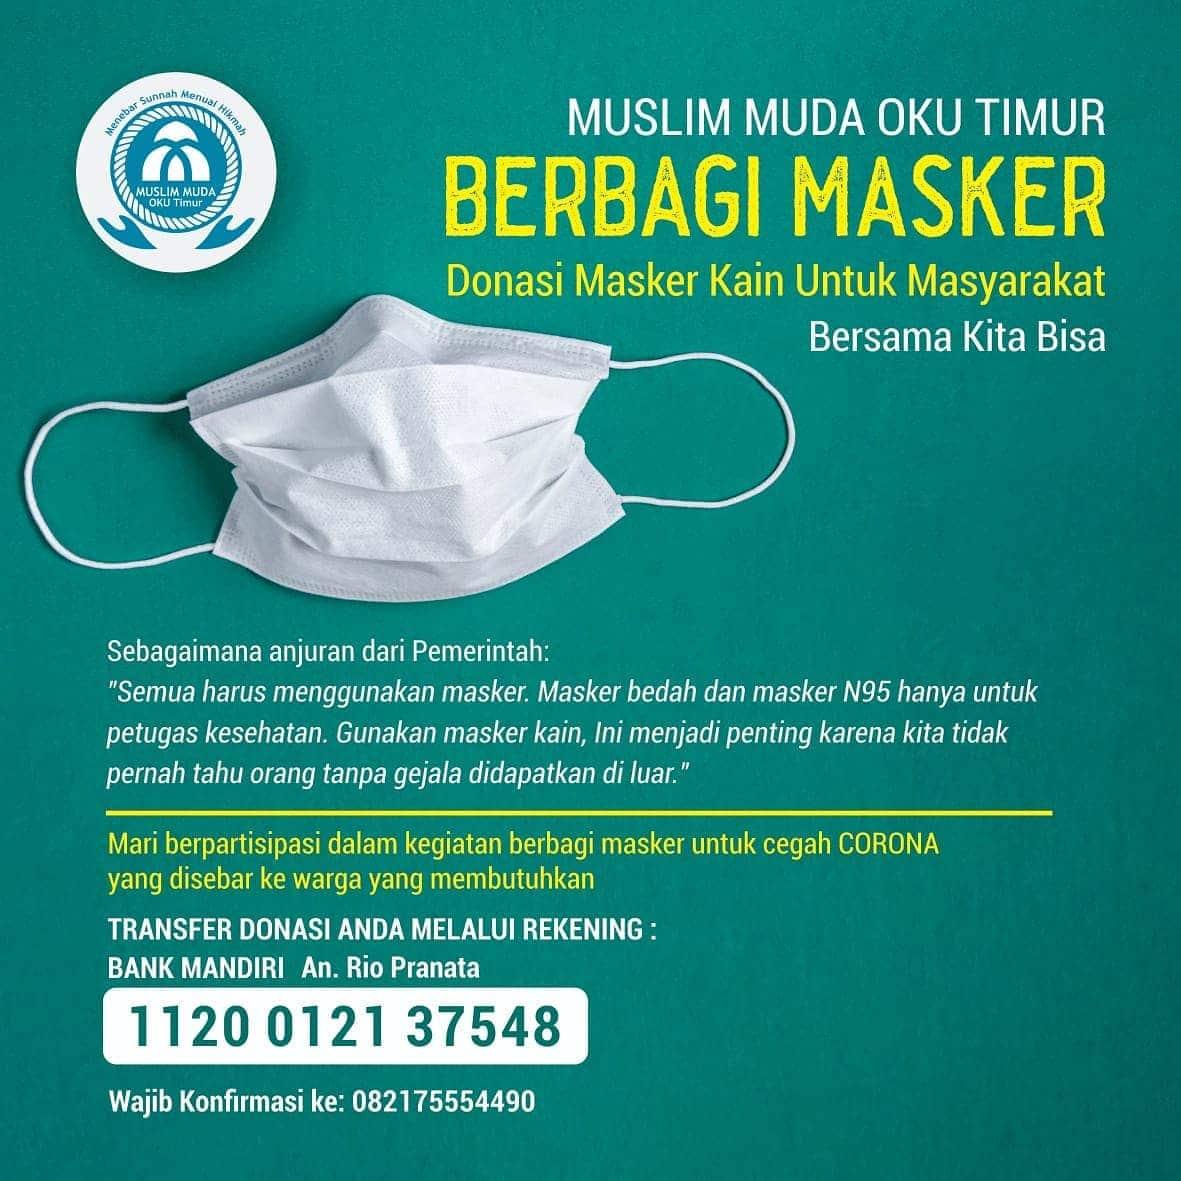 Donasi Masker Kain Untuk Masyarakat